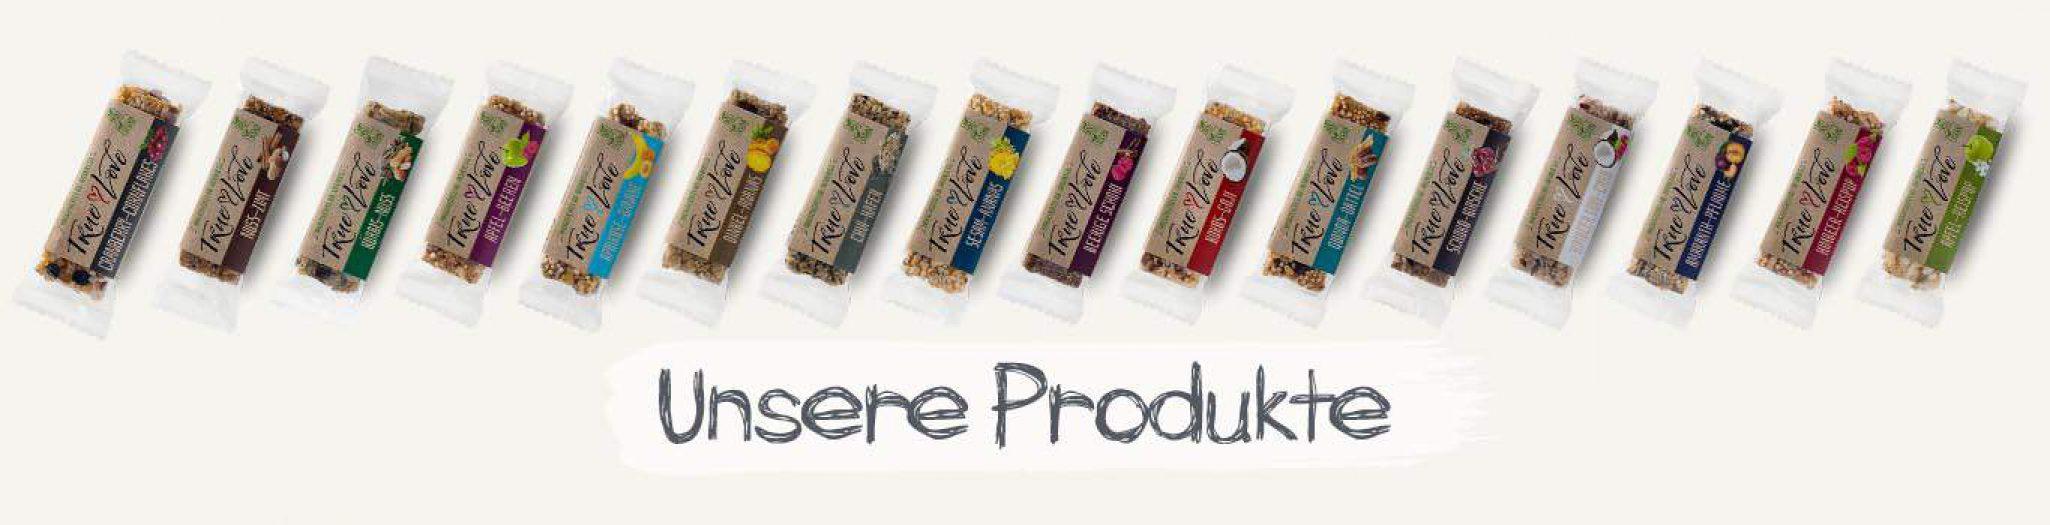 Unsere Produkte Header_1